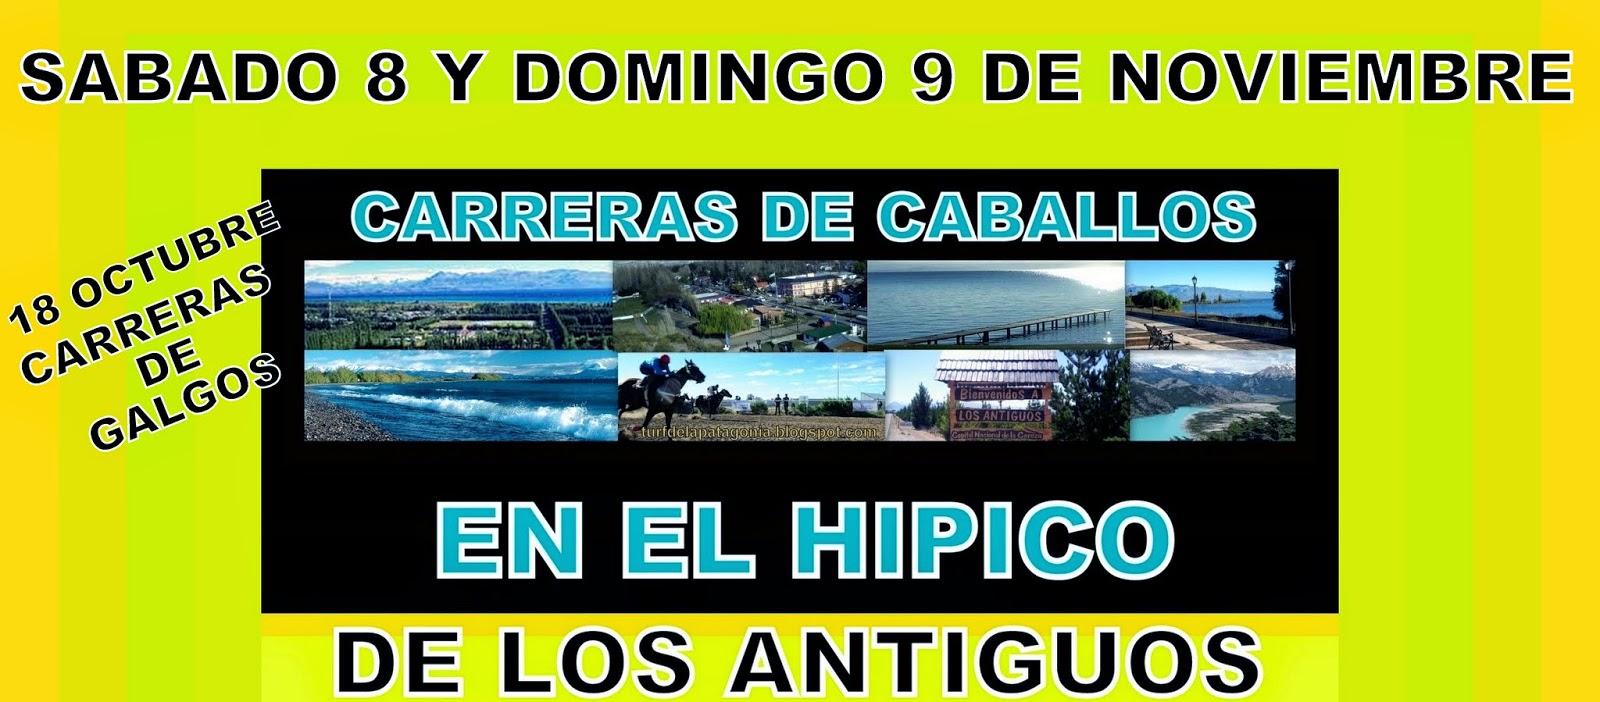 http://turfdelapatagonia.blogspot.com.ar/2014/10/8-y-911-carreras-de-caballos-en-los.html